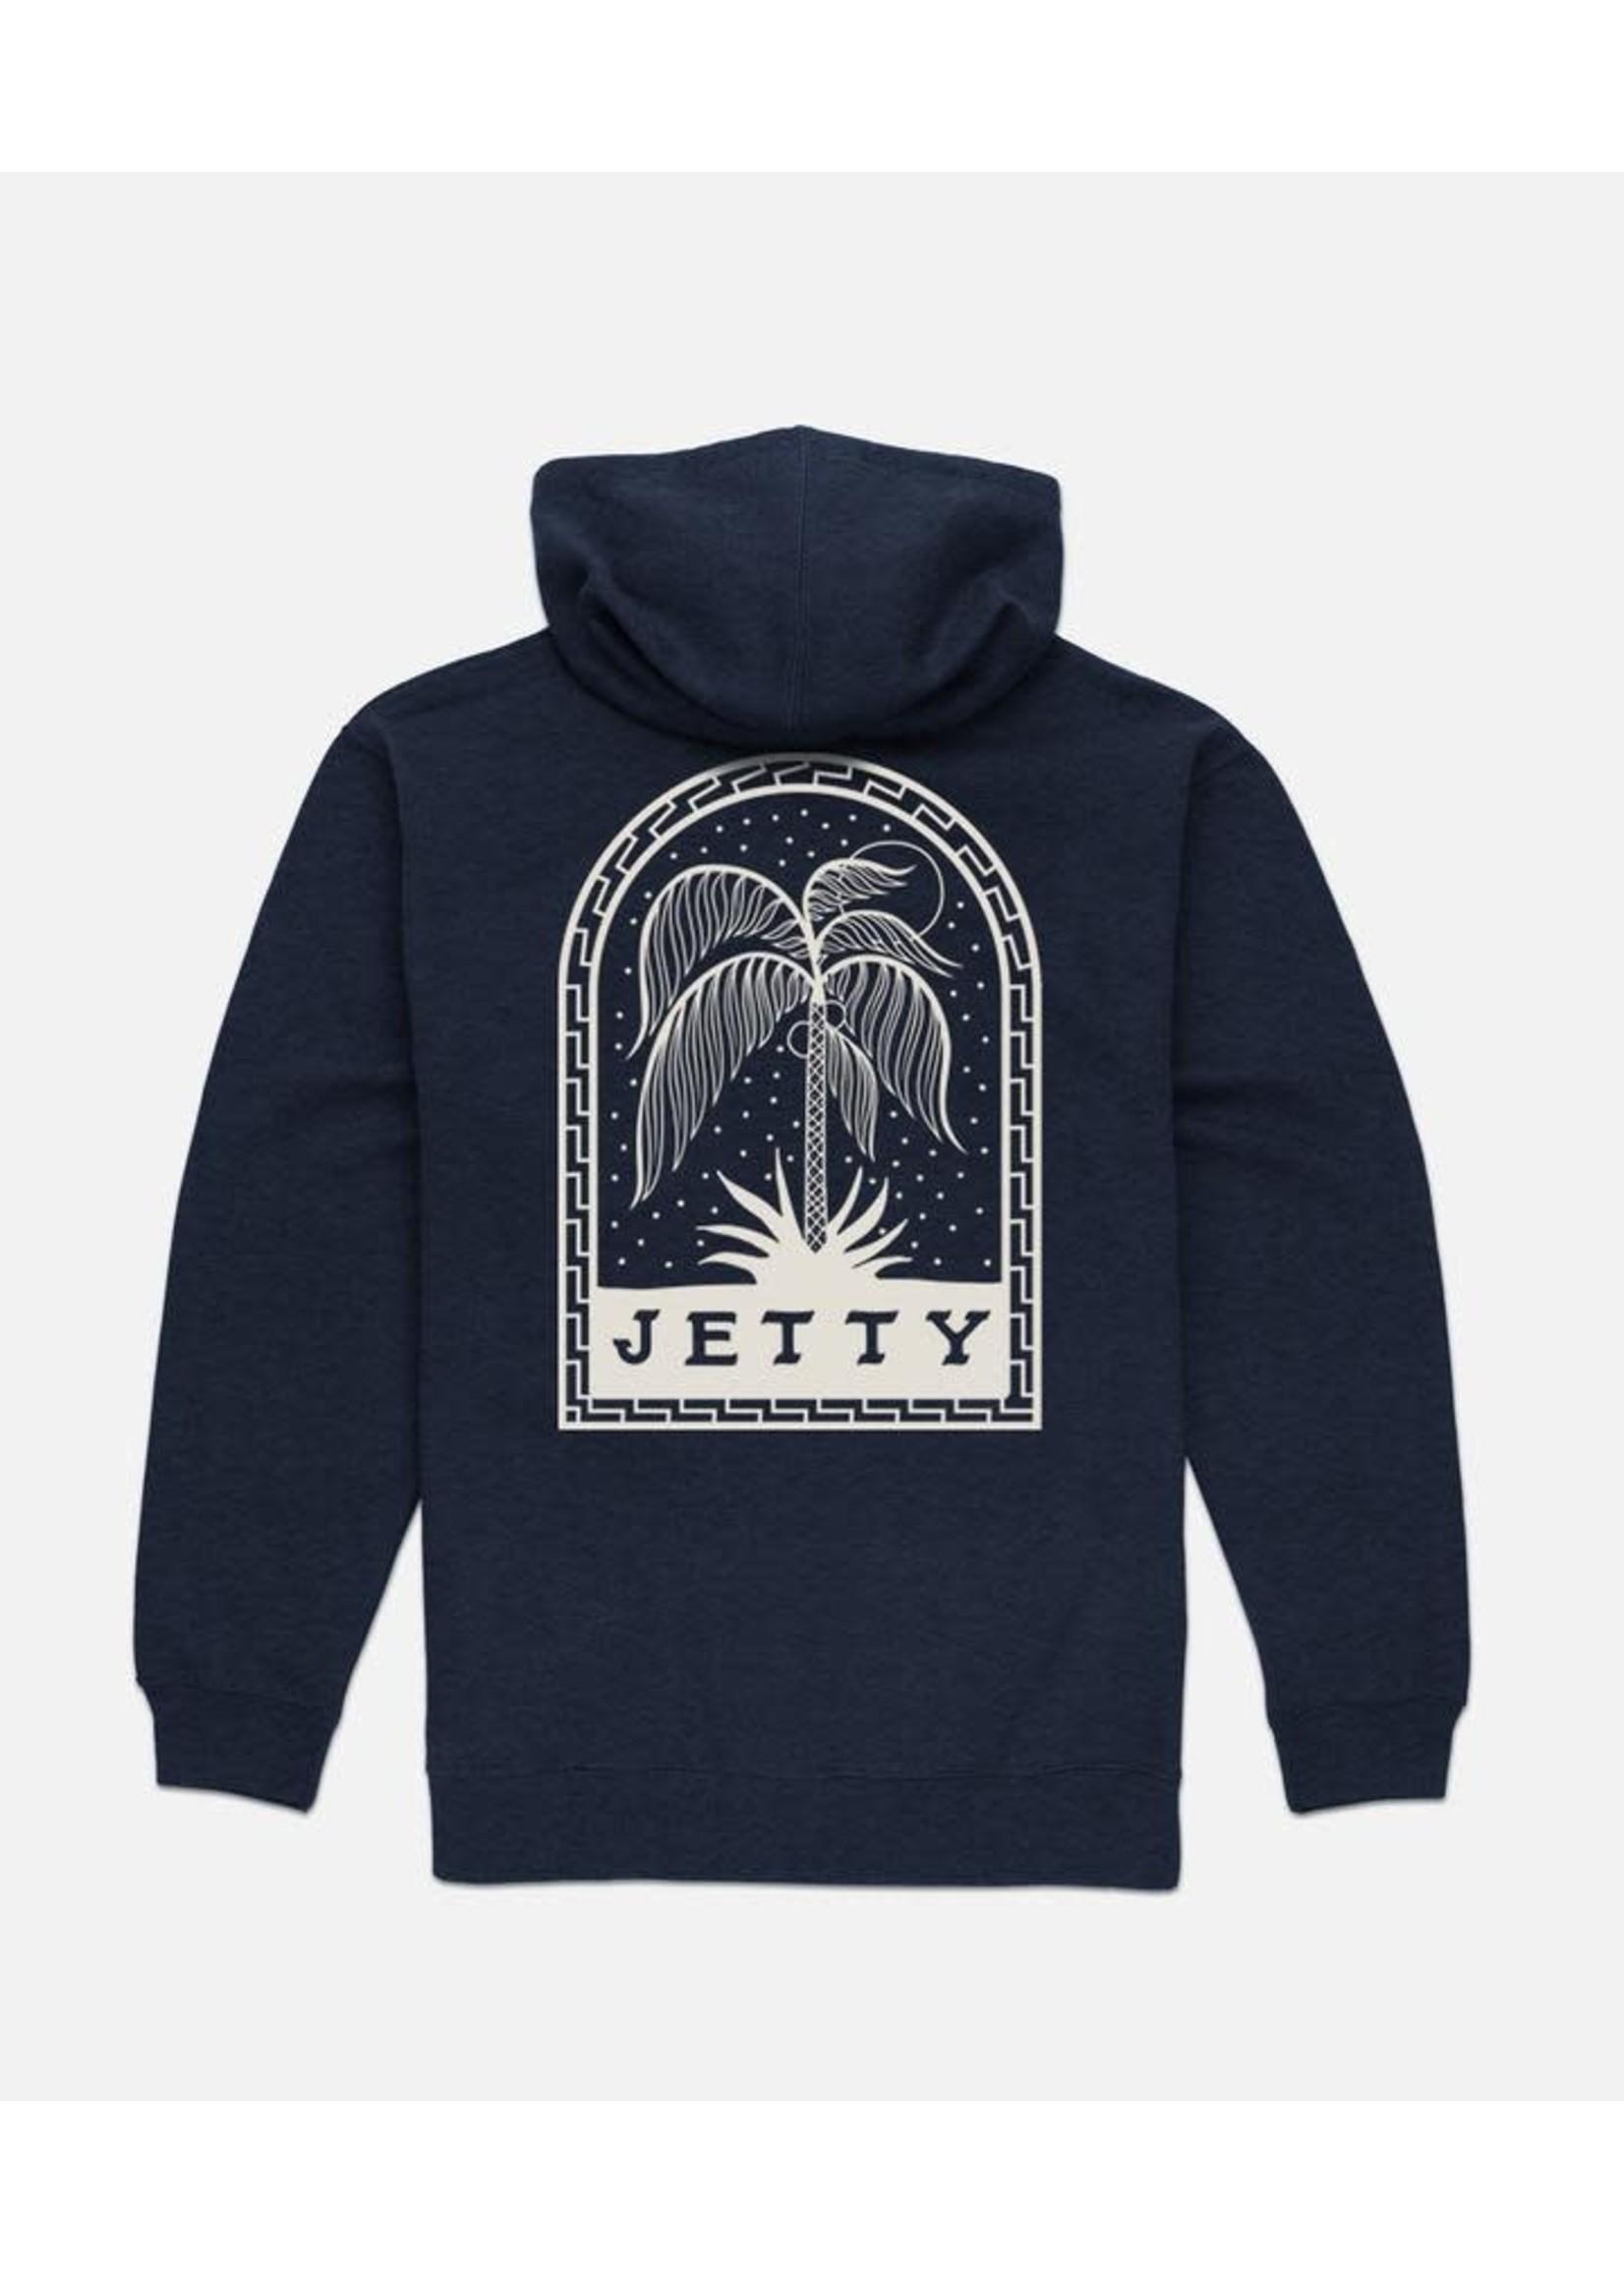 Jetty Veracruz Hoodie